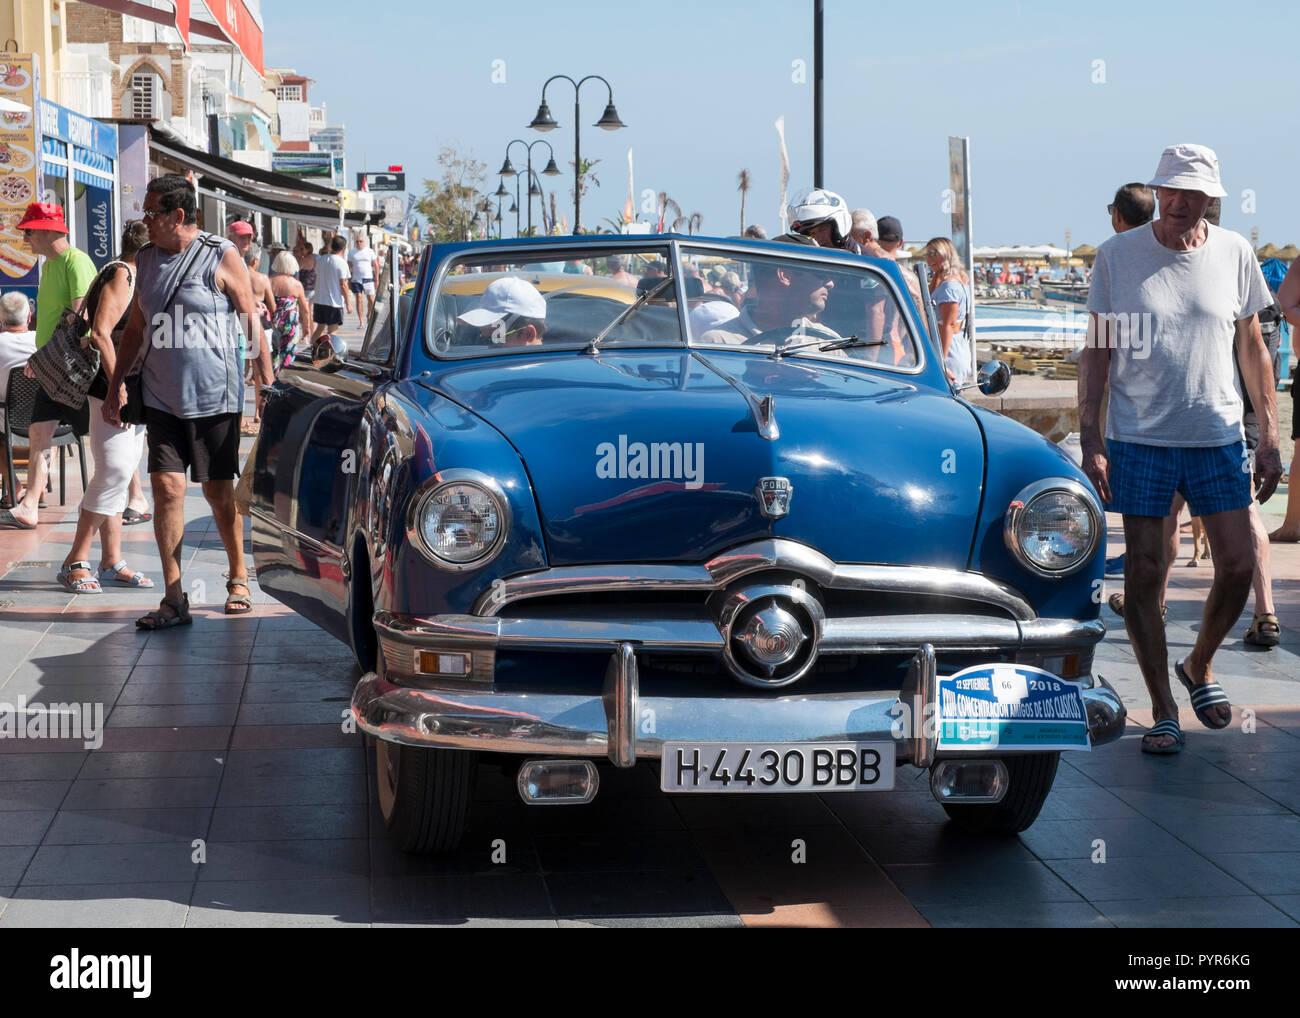 Ford Convertible personalizado. Reunión de coches clásicos en Torremolinos, Málaga, España. Foto de stock